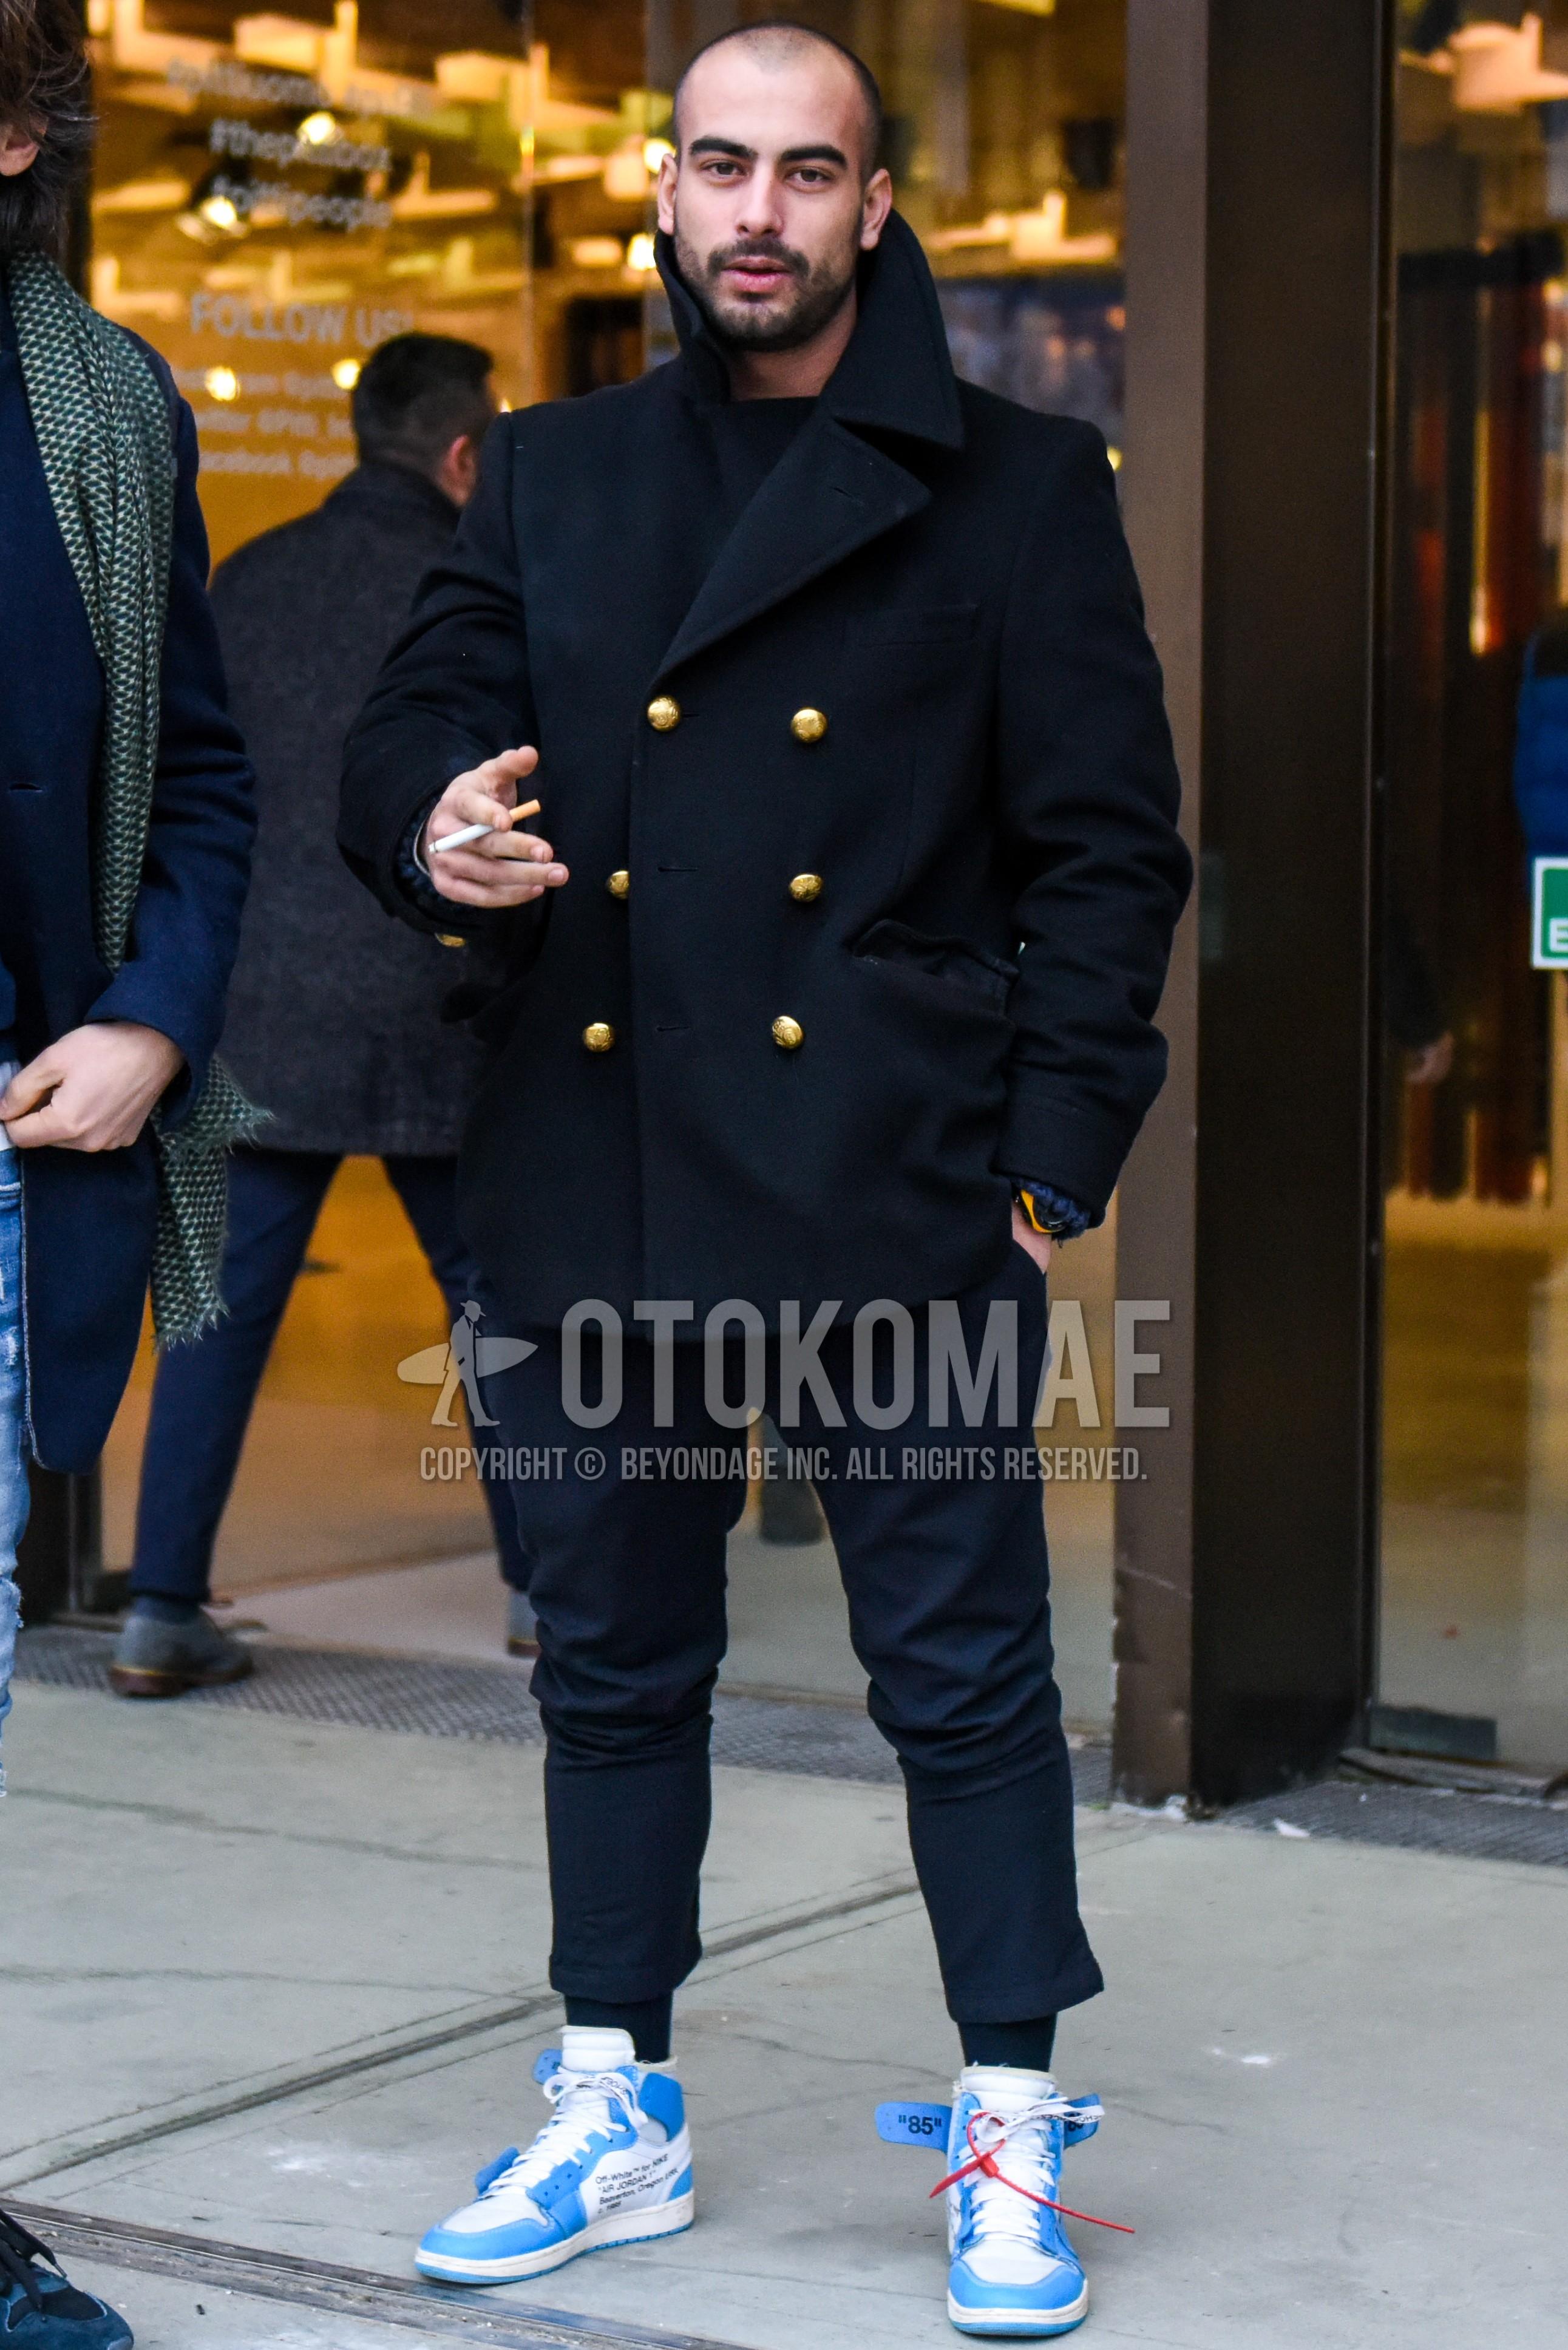 黒無地のPコート、黒無地のセーター、黒無地のスラックス、黒無地のソックス、オフホワイトの白・水色ハイカットのスニーカーを合わせた秋冬のメンズコーデ・着こなし。